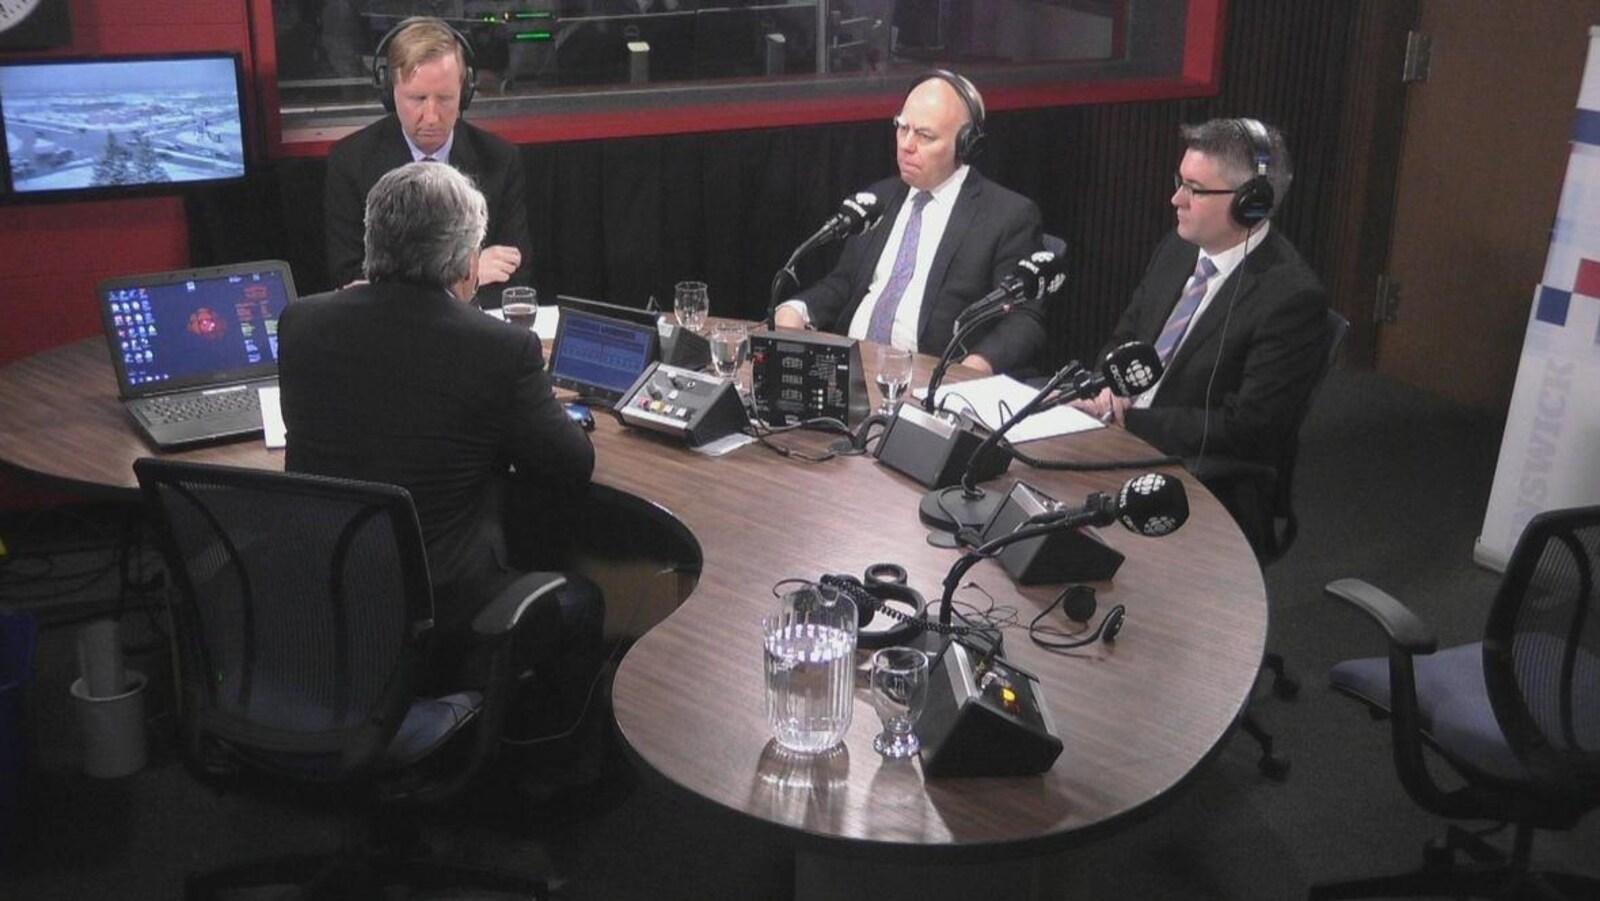 Les trois politiciens sont assis devant l'animateur dans le studio